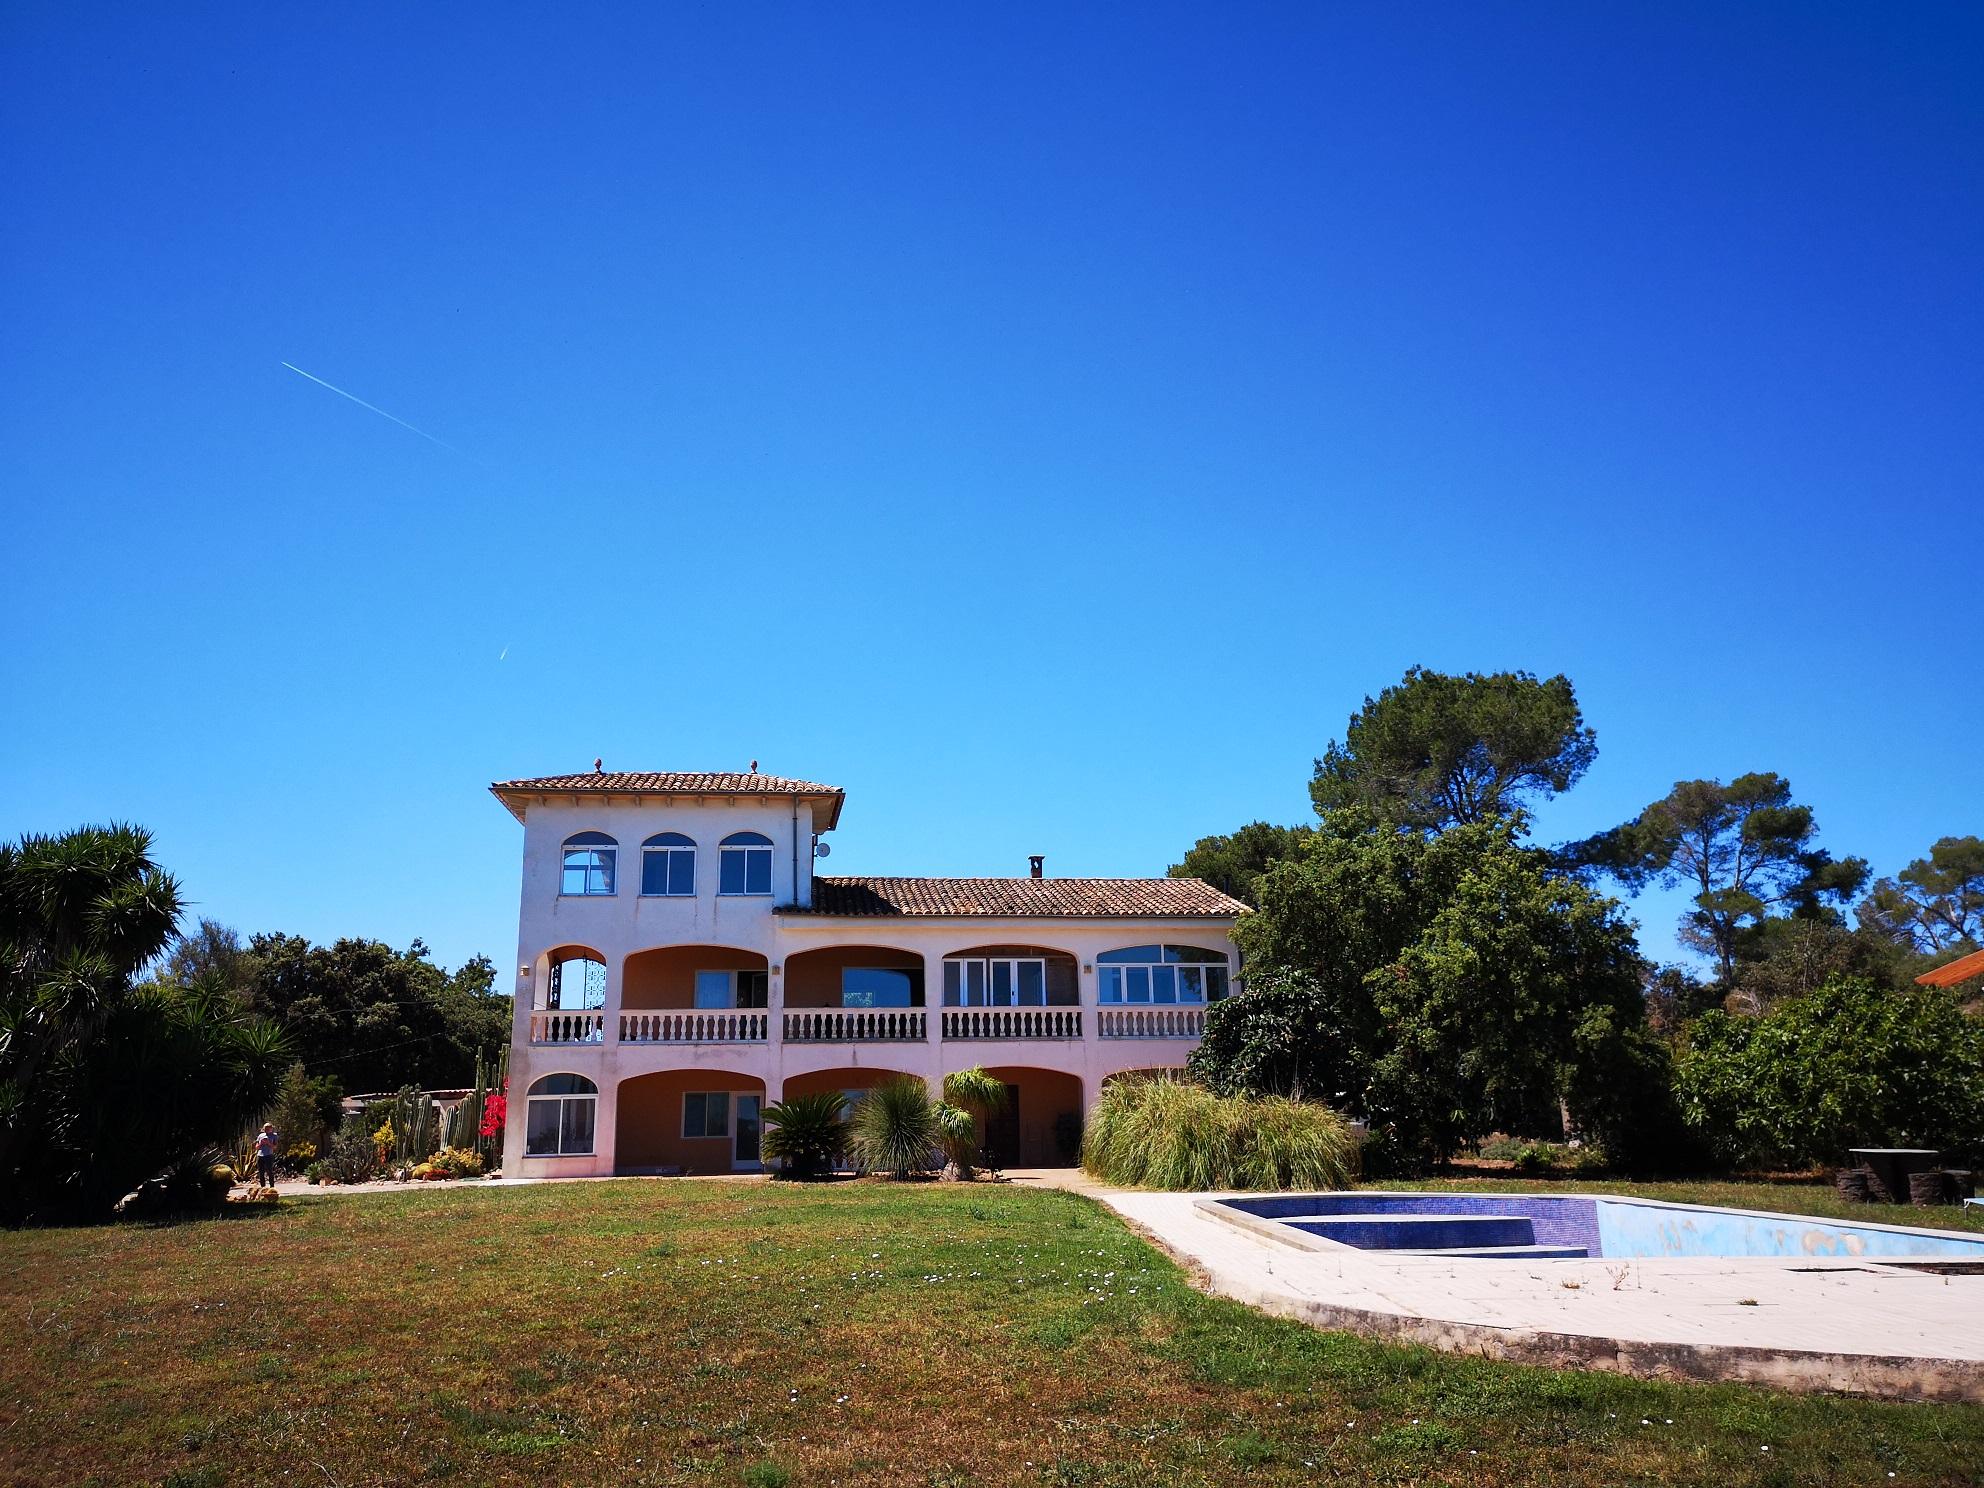 Angebot: Viel Haus (mit herrlichem Fernblick) für erschwingliche 450.000.- €